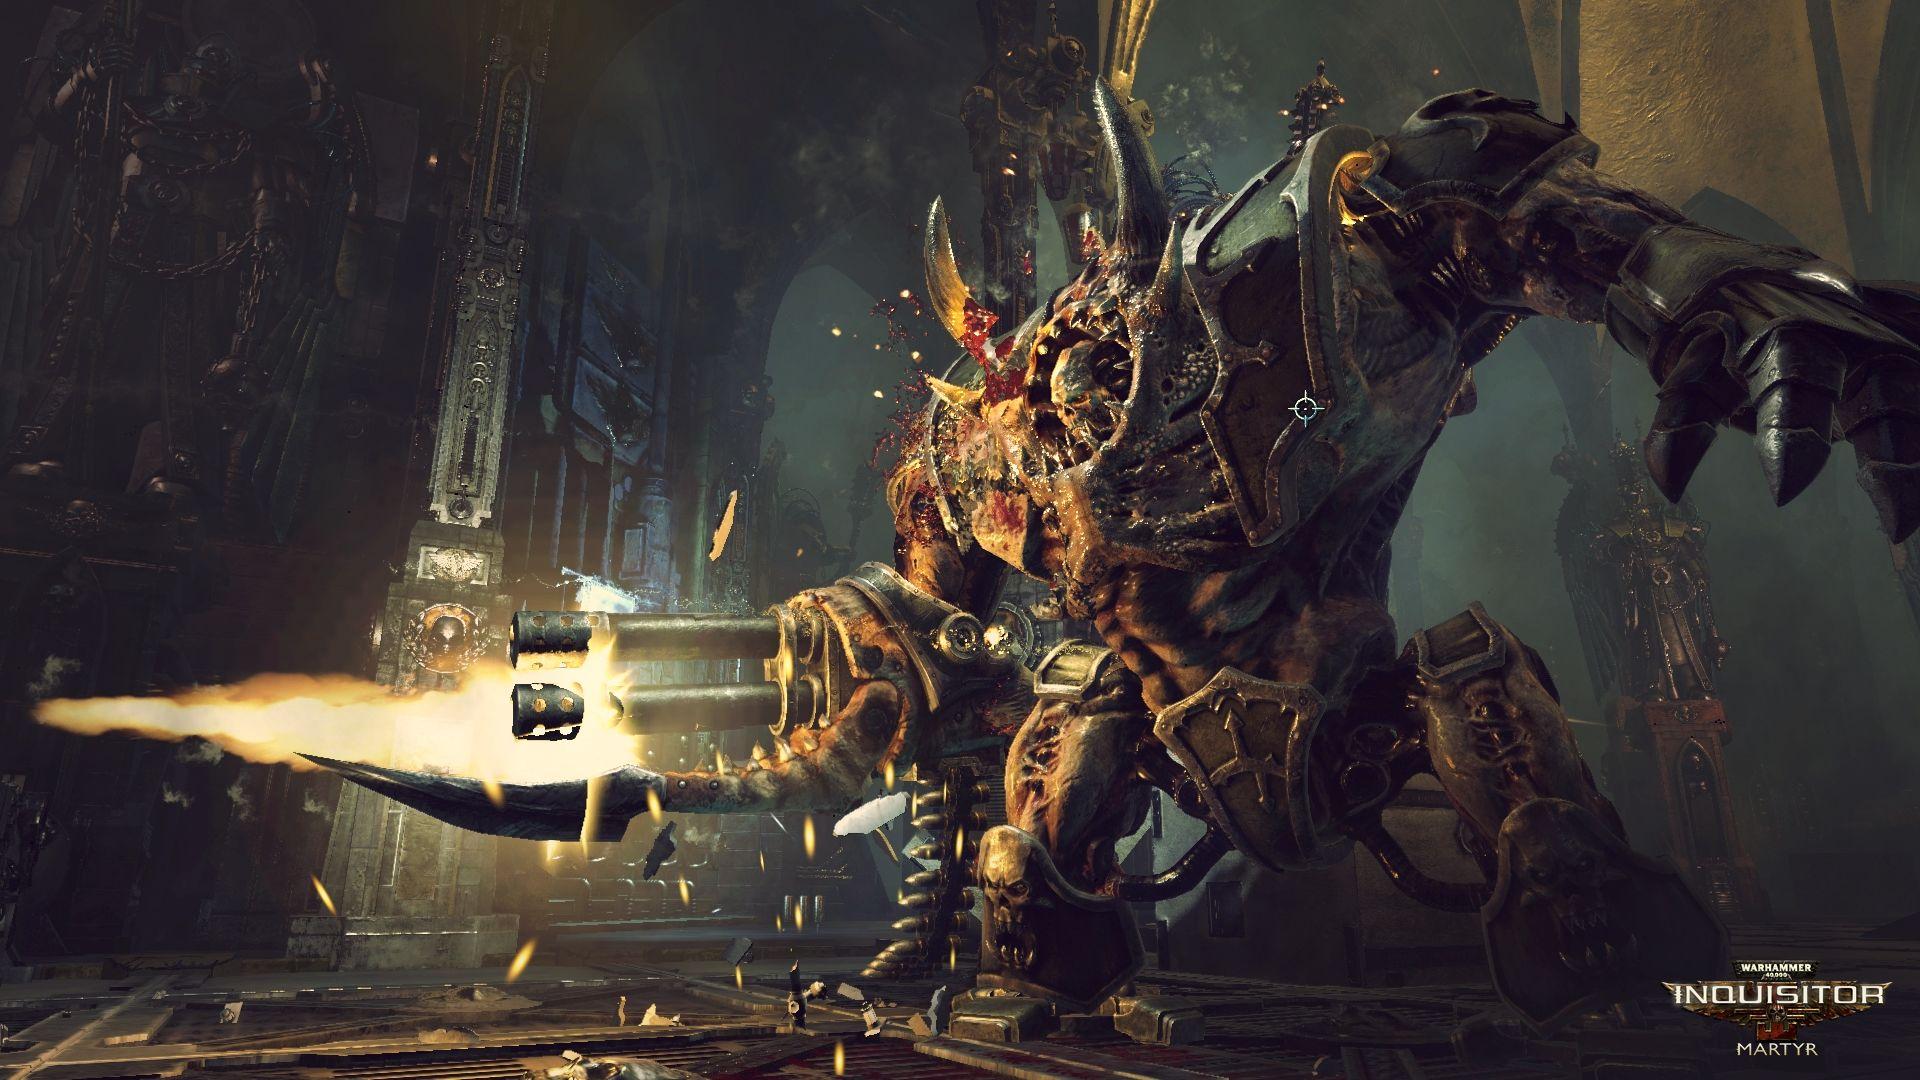 K životu se probouzí diablovka ze světa Warhammeru 40K 126182